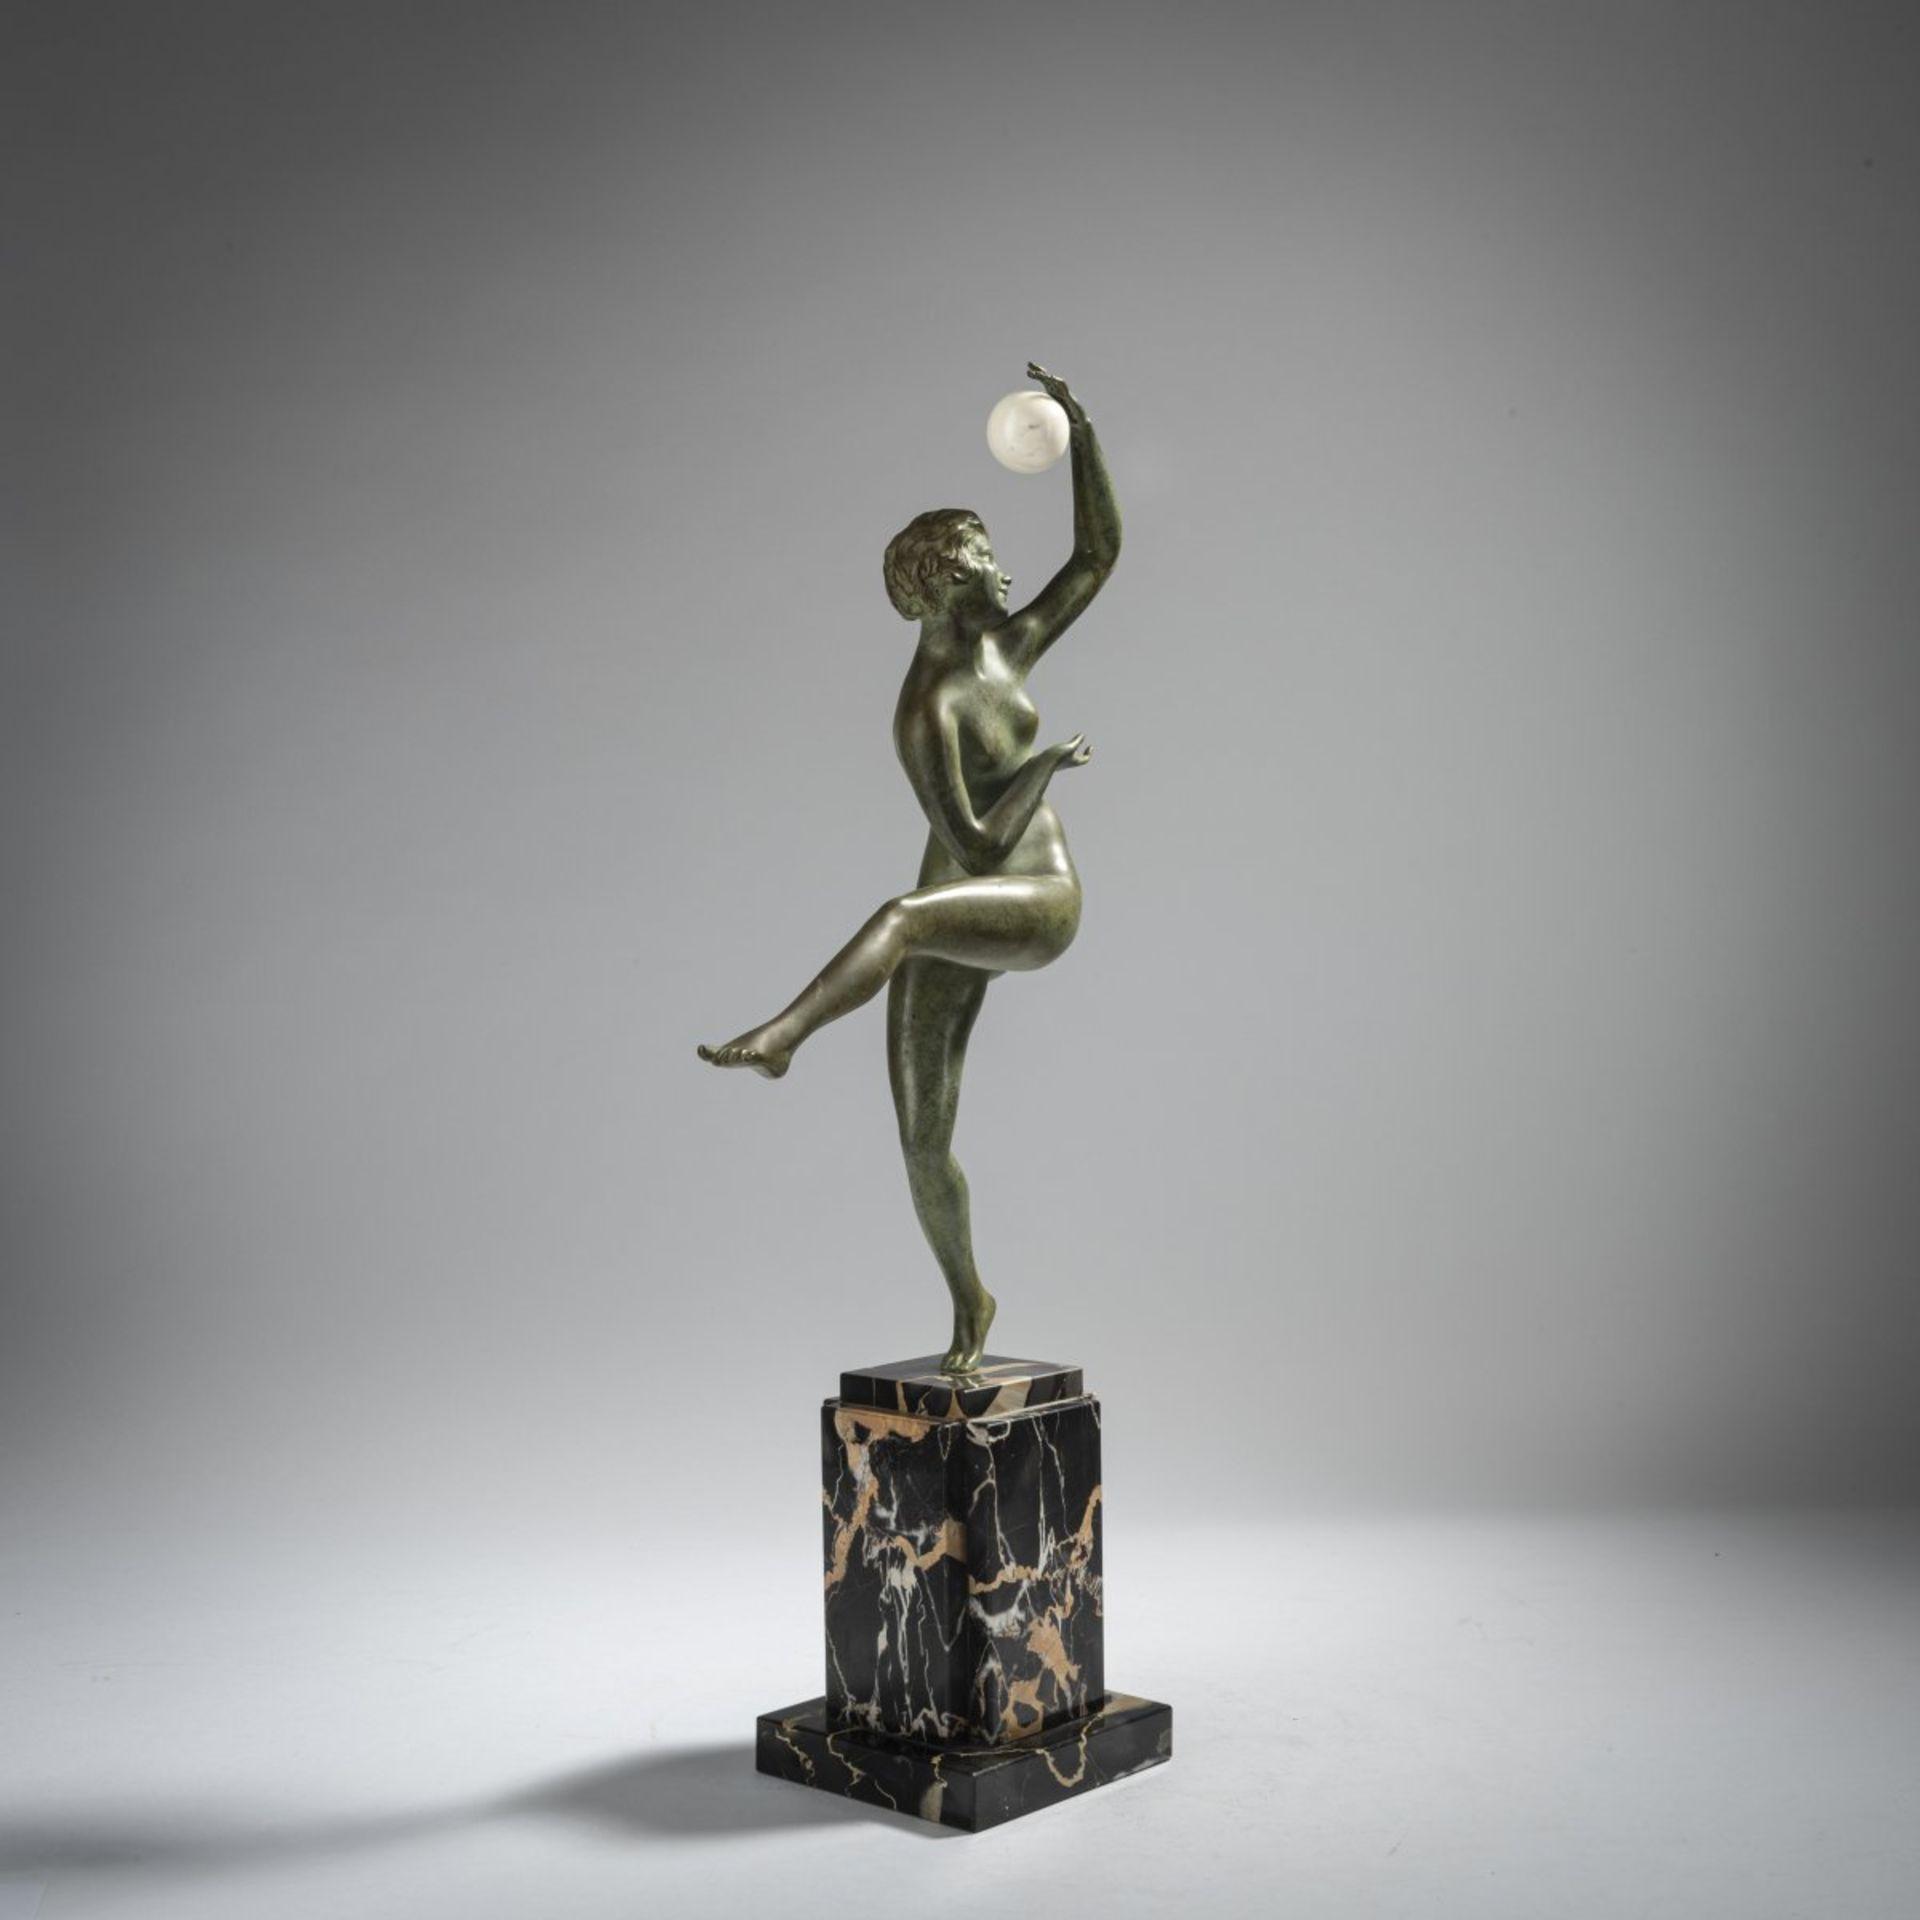 Maurice Guiraud-Rivière, Ballspielerin, 1920er Jahre - Bild 2 aus 6